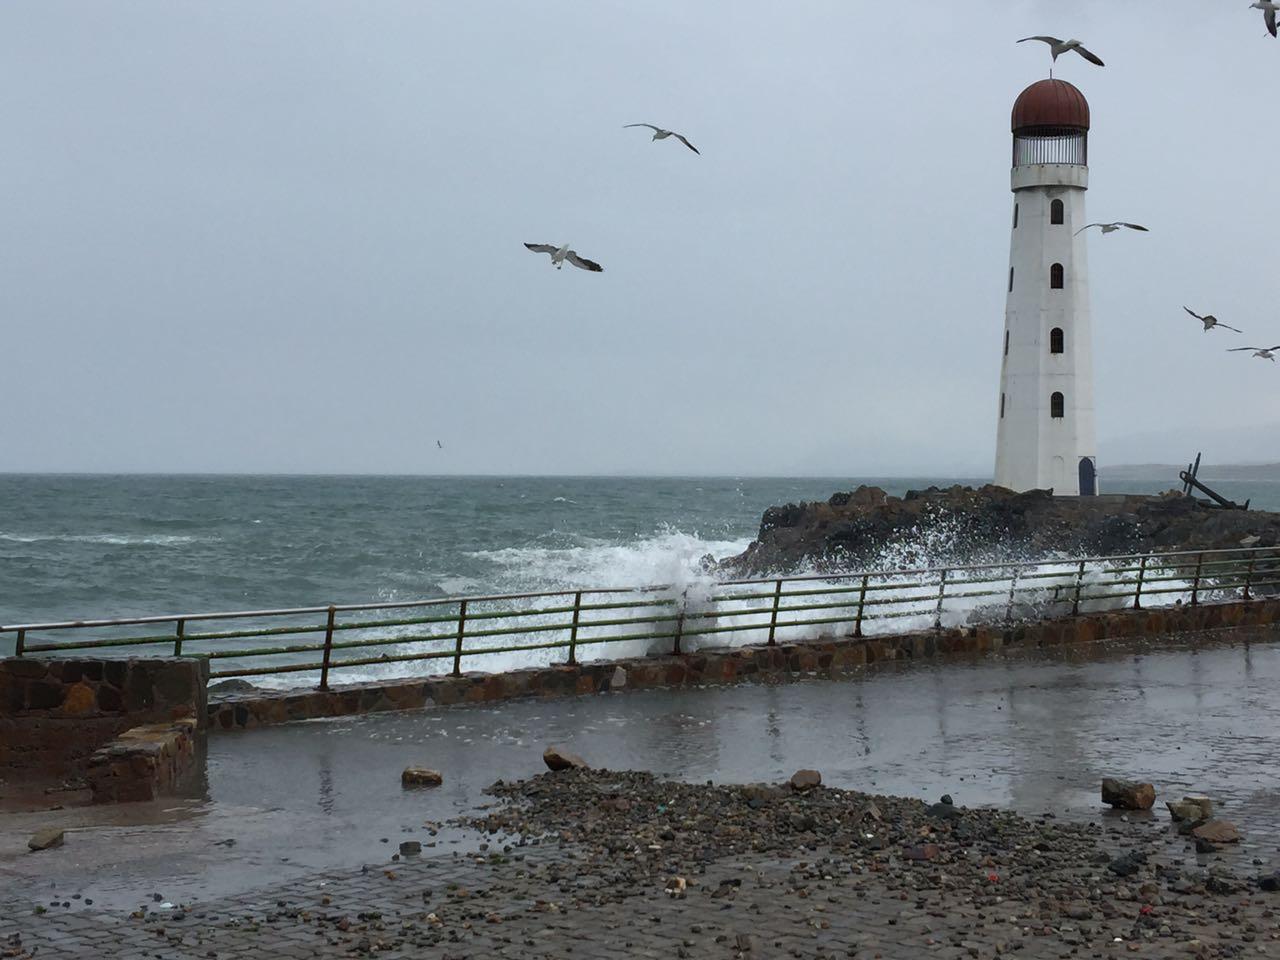 Advierten de marejadas en costa de la provincia